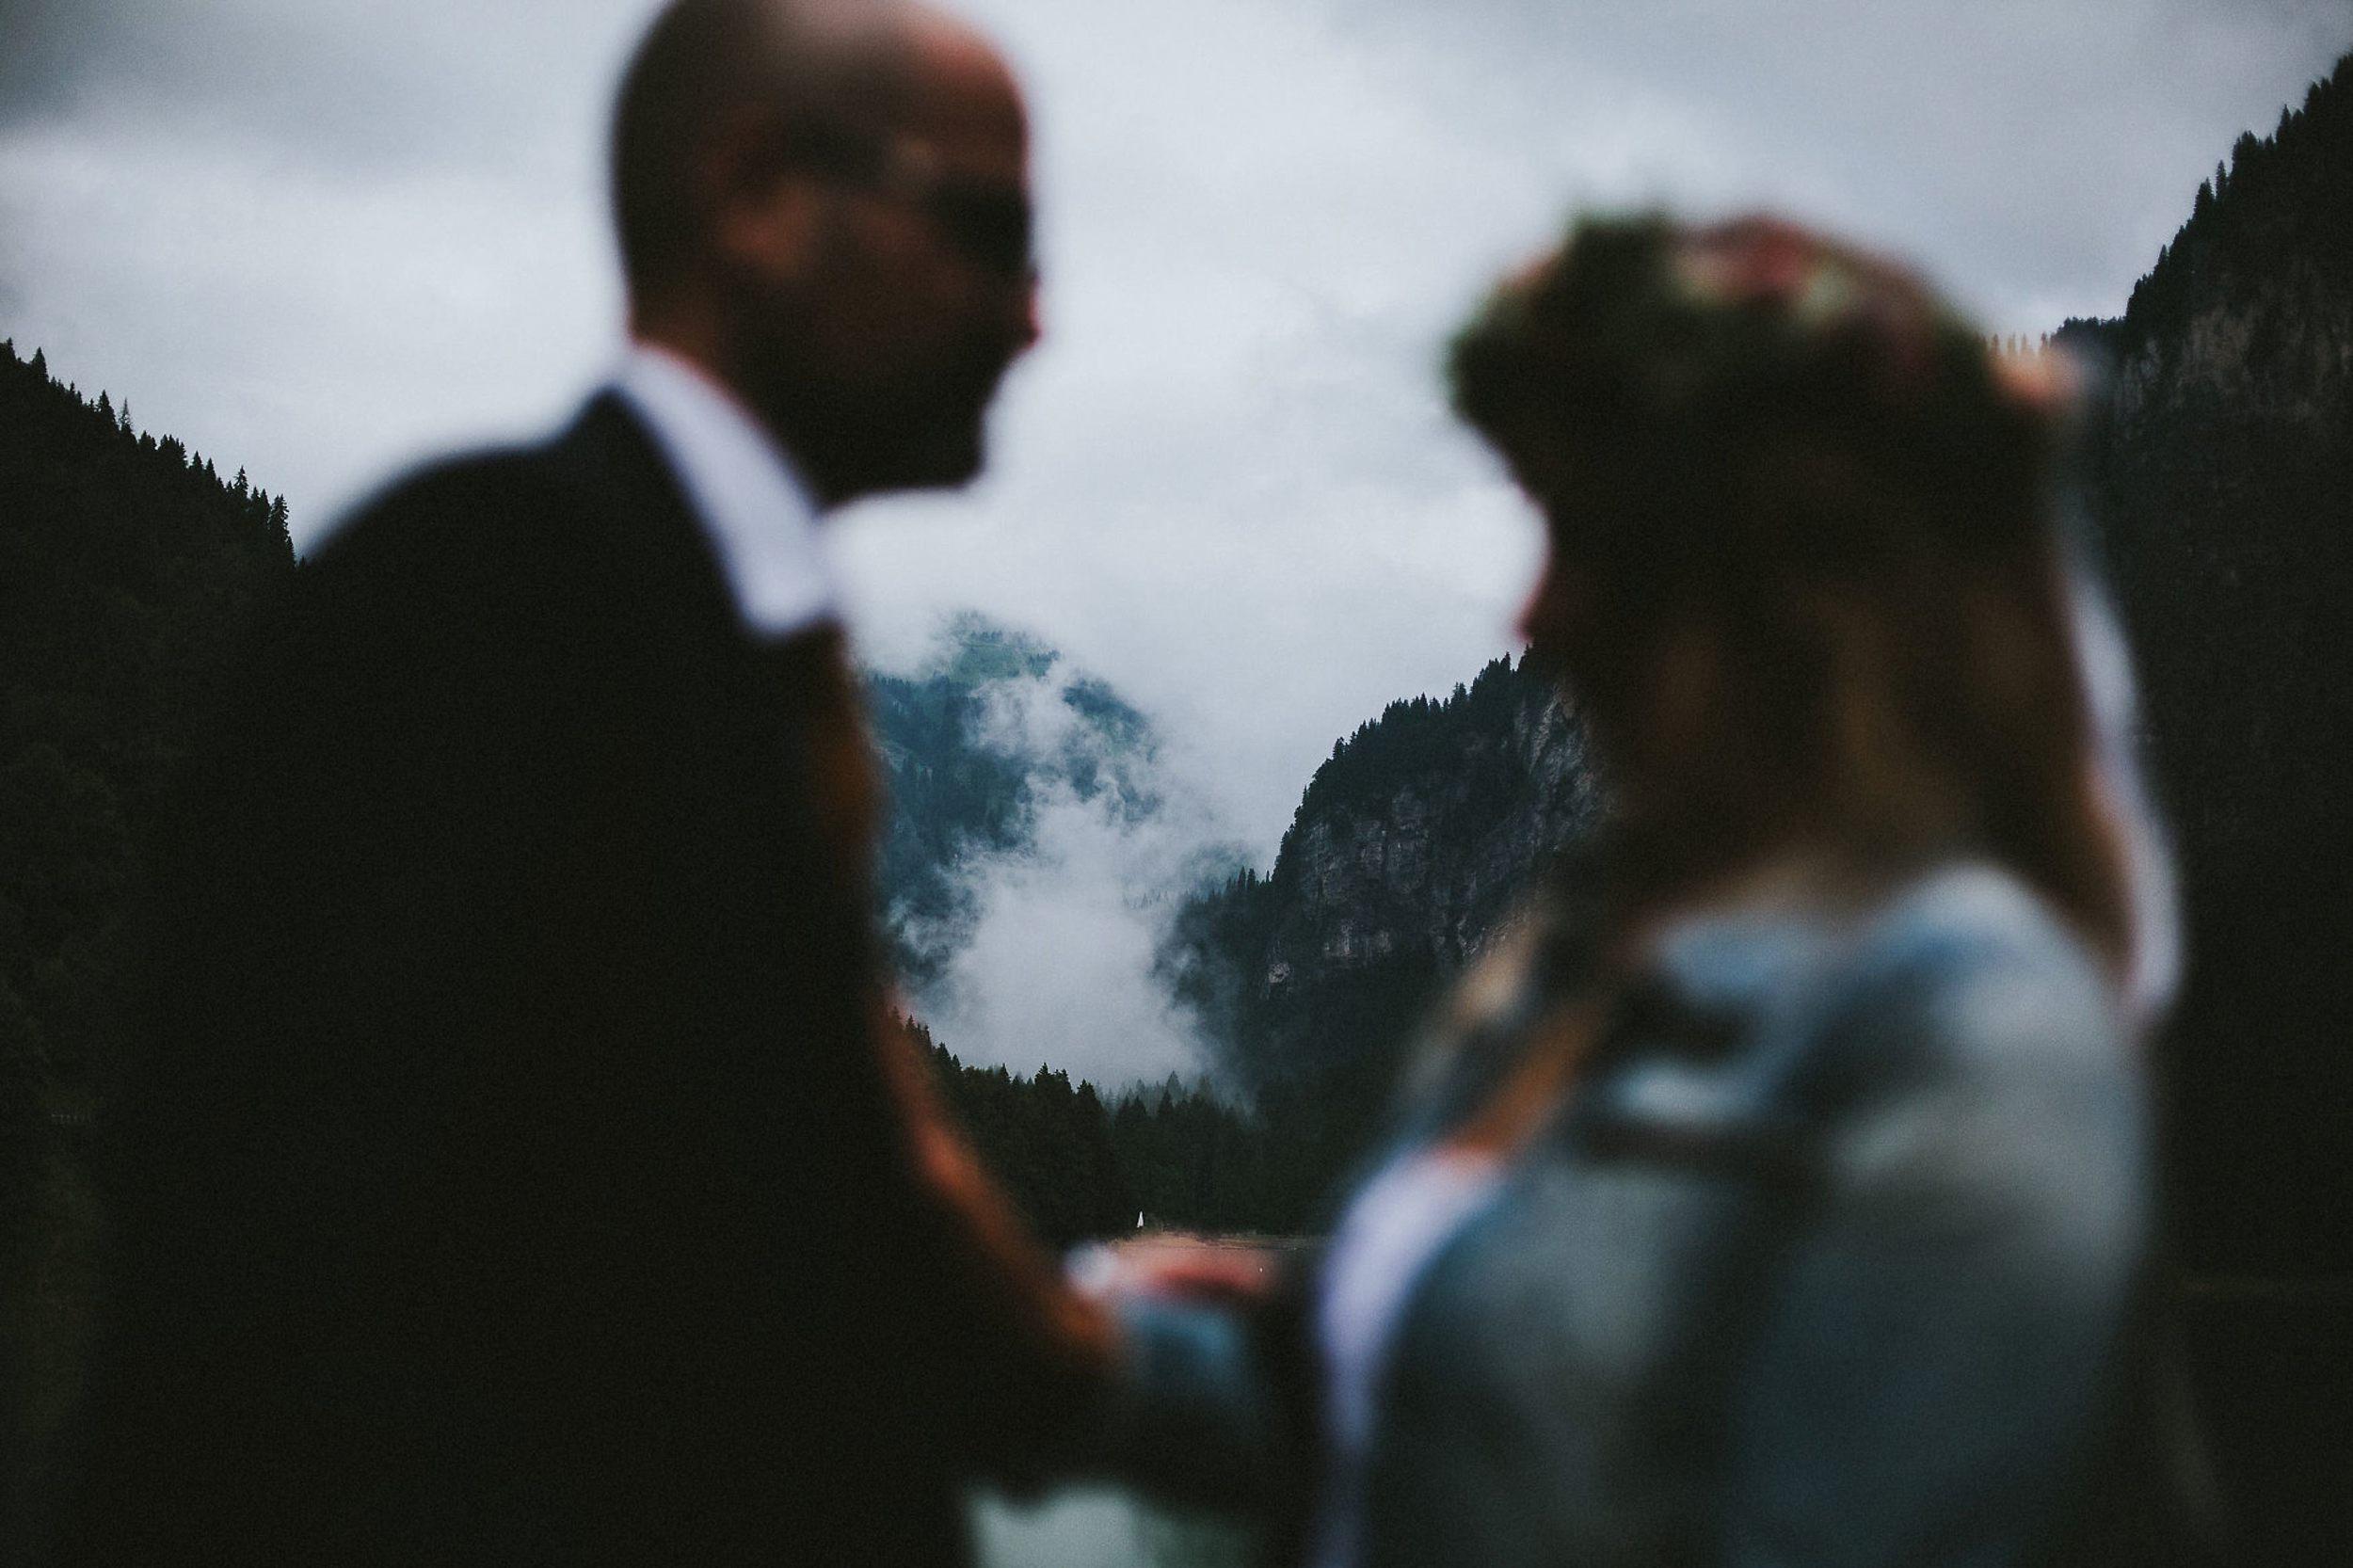 mariage-suisse-haute-savoie-domaine-baron-steven-bassillieaux-bordeaux-dordogne-wedding-photographe-62.jpg